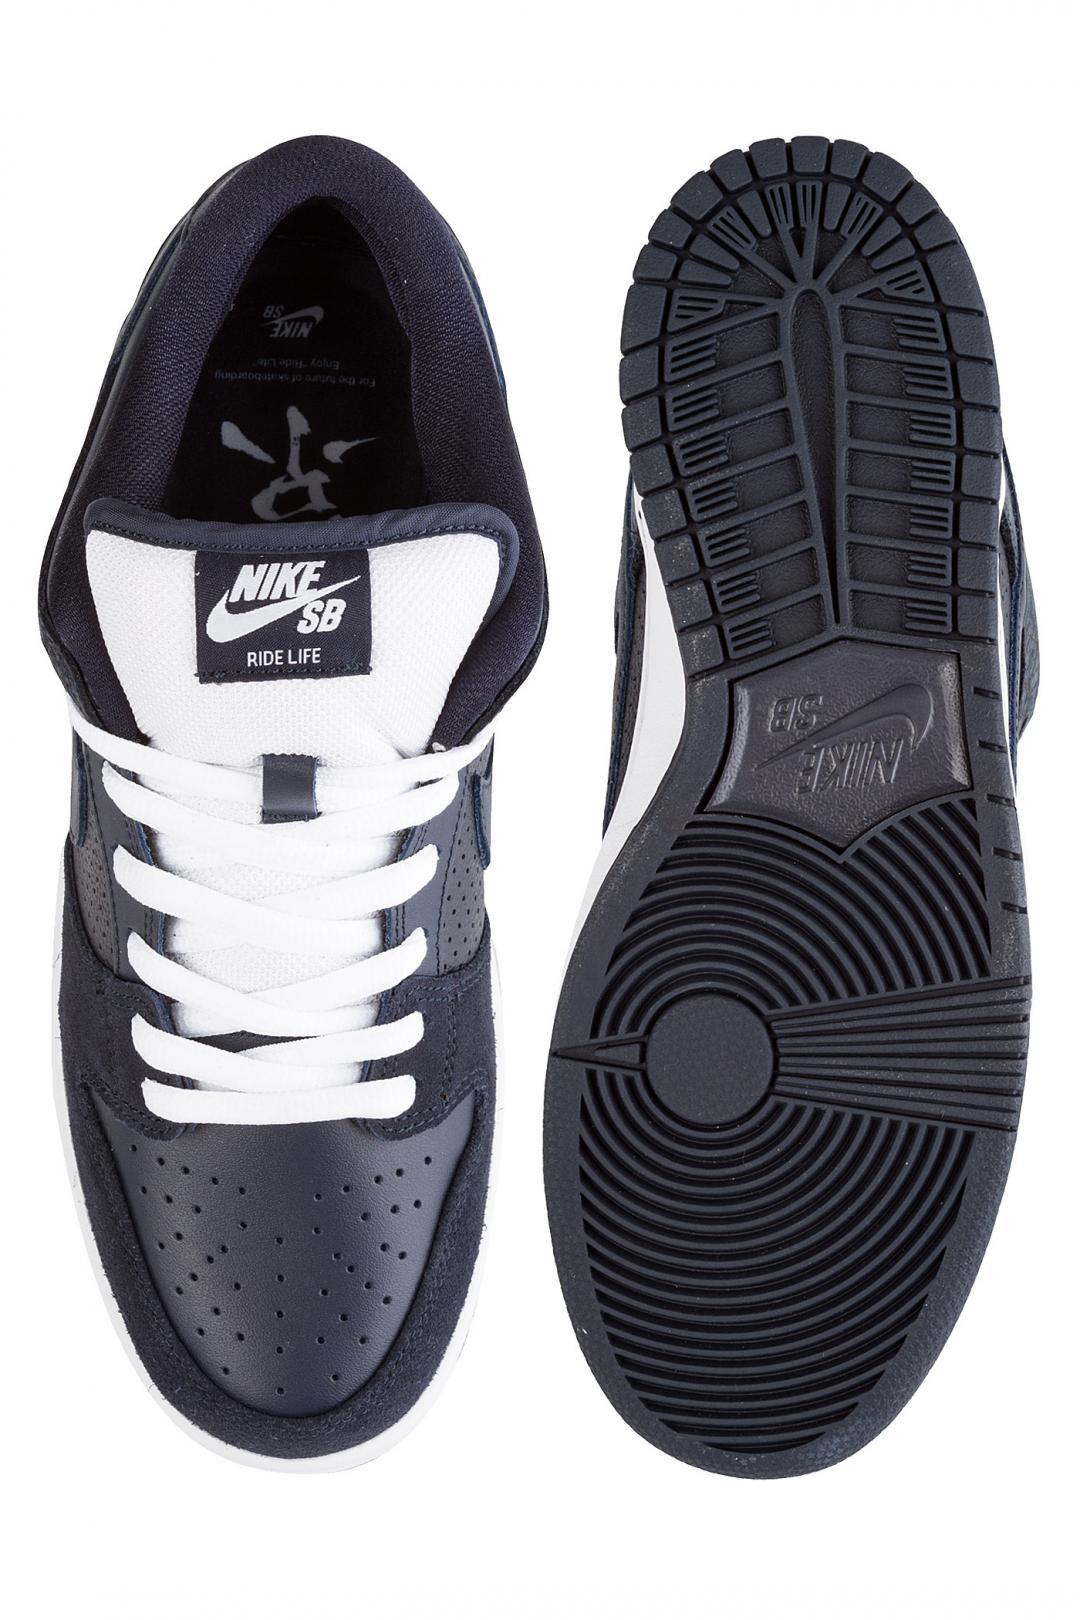 Uomo Nike SB x Murasaki Dunk Low TRD QS dark obsidian | Scarpe da skate